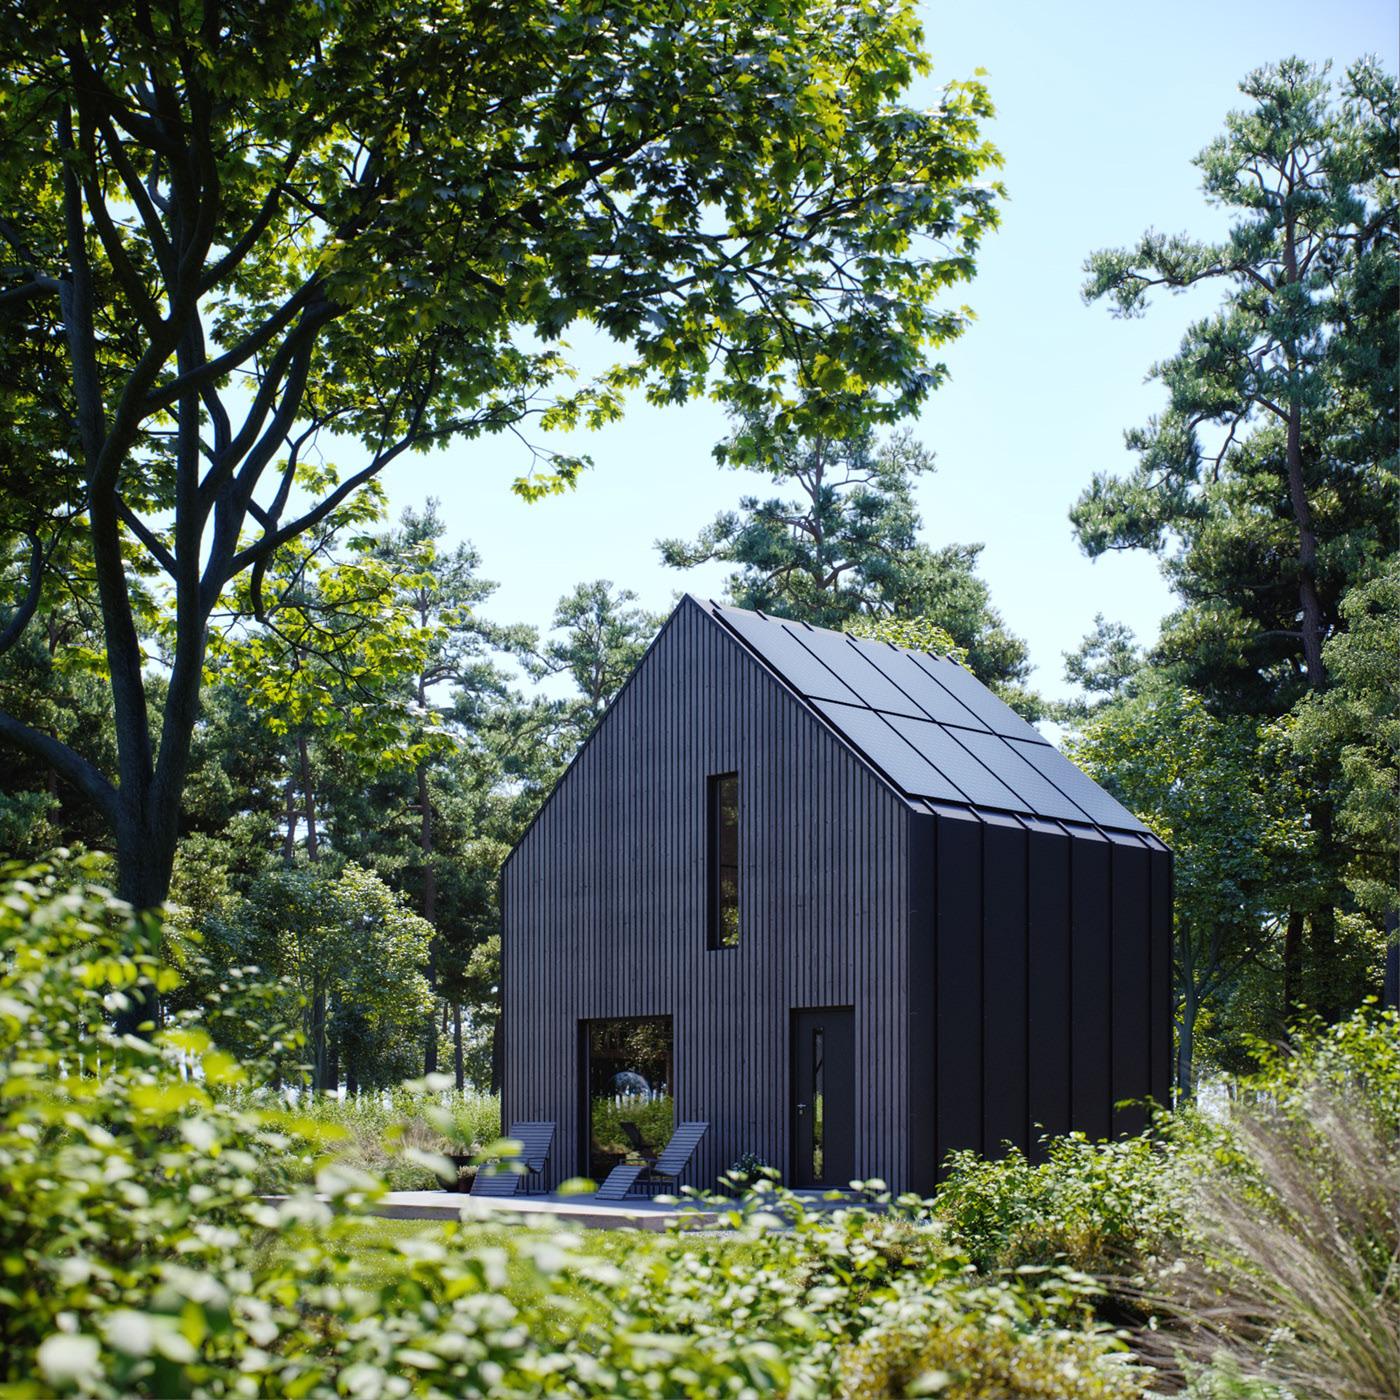 Modulo House Small House Big Idea